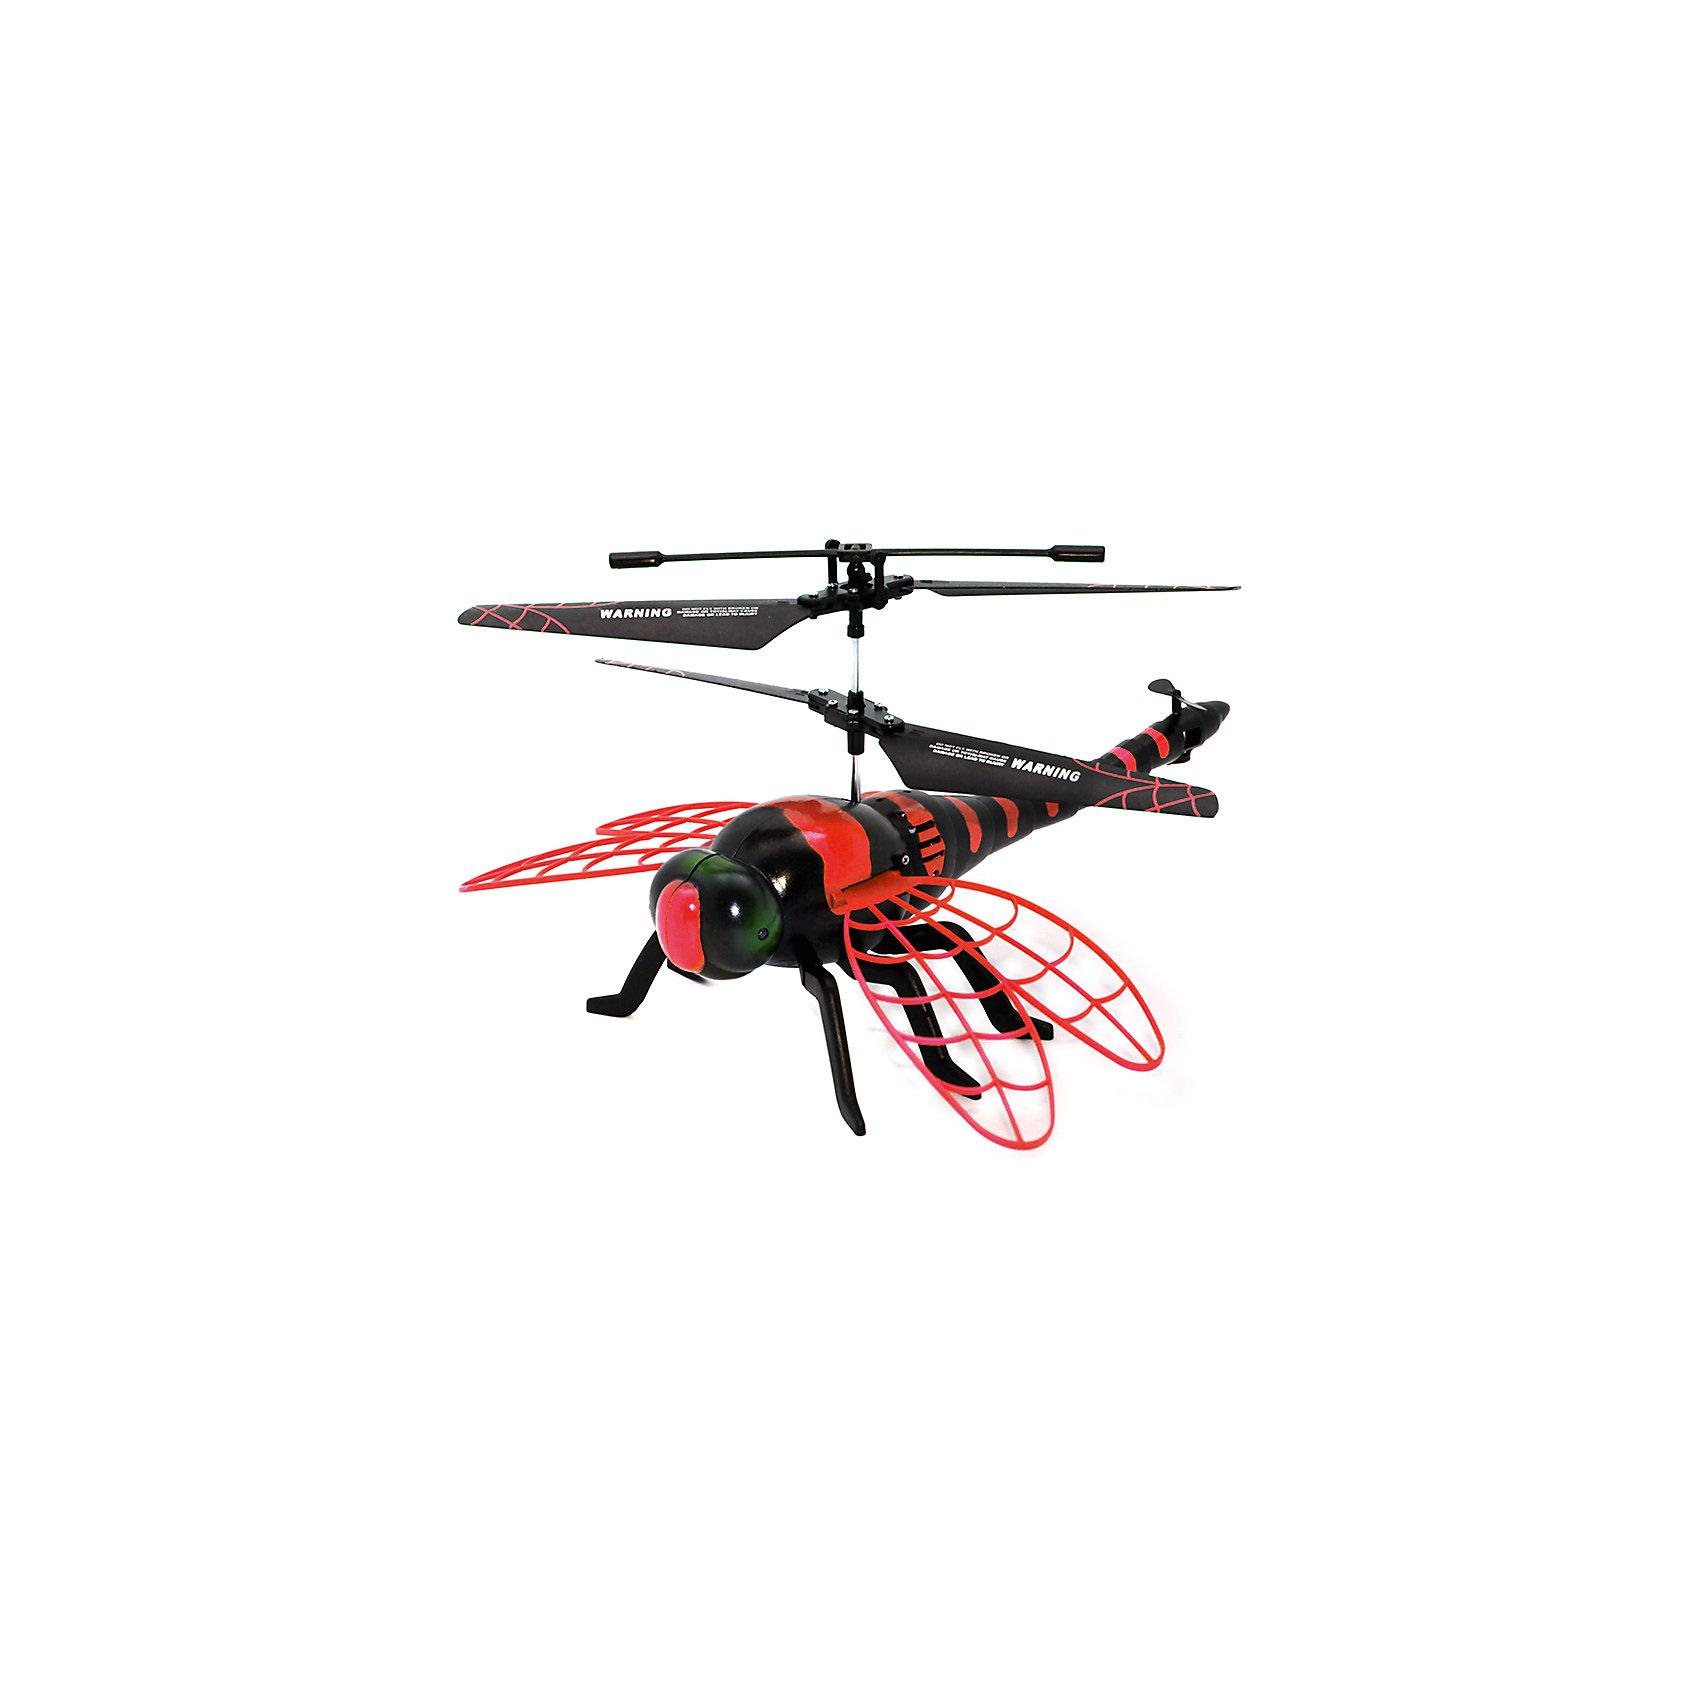 Стрекоза на ИК-управлении, ROYSРадиоуправляемый транспорт<br>Необычная летающая стрекоза с ИК-управлением понравится и детям, и взрослым. С ней вы весело проведете время, наблюдая за ее полетами. Стрекоза интересно двигает крыльями, ее глаза светятся, что не может не порадовать ребенка. Зарядки хватает на 10 минут, игрушка заряжается при помощи USB или пульта дистанционного управления. Радиус полета - 15 метров. Забавная стрекоза - отличное решение для интересного времяпровождения!<br><br>Дополнительная информация:<br>Размер: 23х18х28 см<br>Батарейки: АА - 4 штуки<br>Тип управления: инфракрасное<br>Время зарядки: 25 минут<br>Материал: пластик<br>Стрекозу на ИК-управлении можно приобрести в нашем интернет-магазине.<br><br>Ширина мм: 230<br>Глубина мм: 180<br>Высота мм: 280<br>Вес г: 530<br>Возраст от месяцев: 96<br>Возраст до месяцев: 1188<br>Пол: Унисекс<br>Возраст: Детский<br>SKU: 4944584